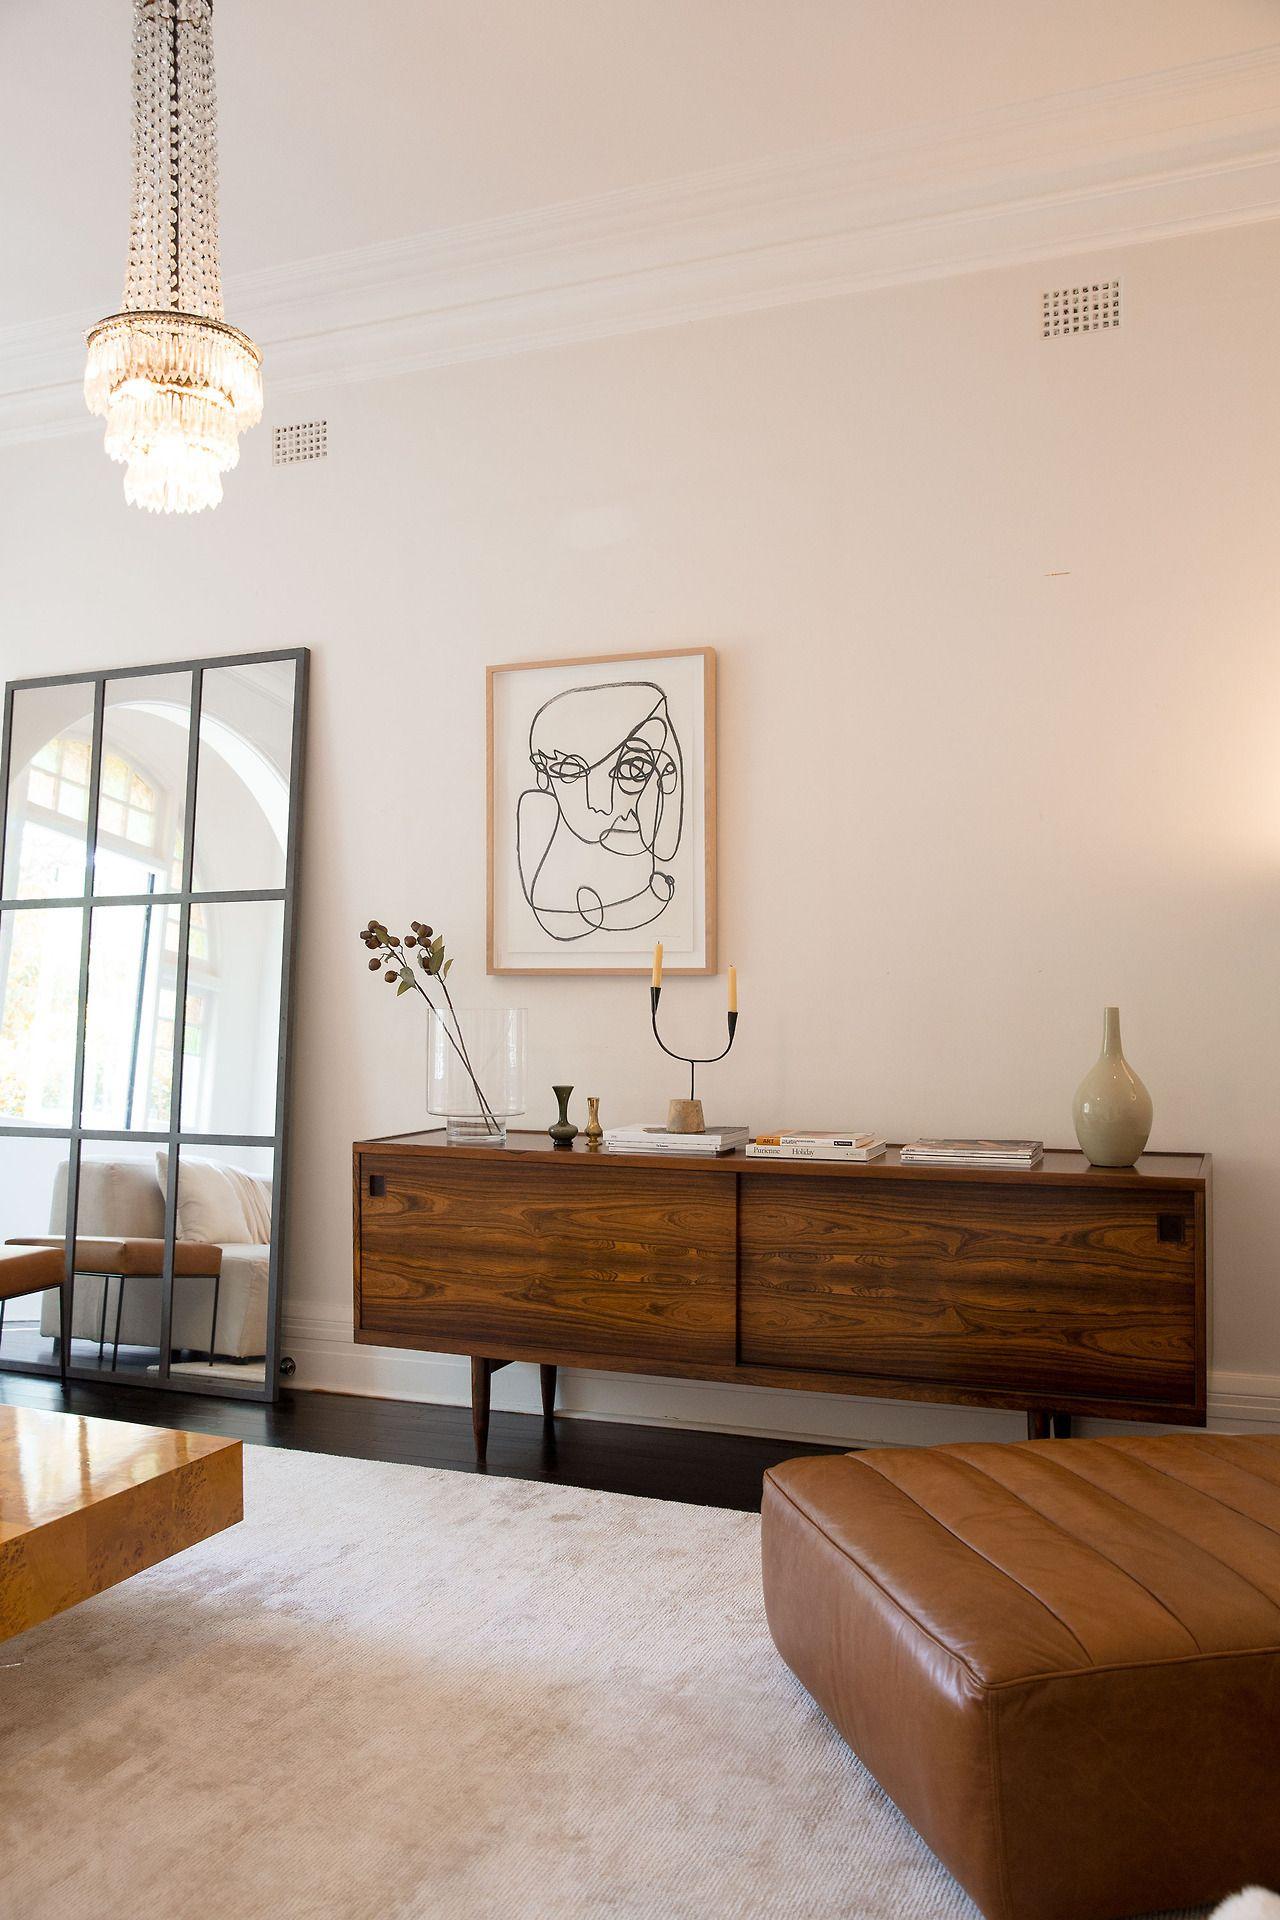 Neue wohnzimmer innenarchitektur pin von falko lehmann auf interior  pinterest  wohnzimmer haus